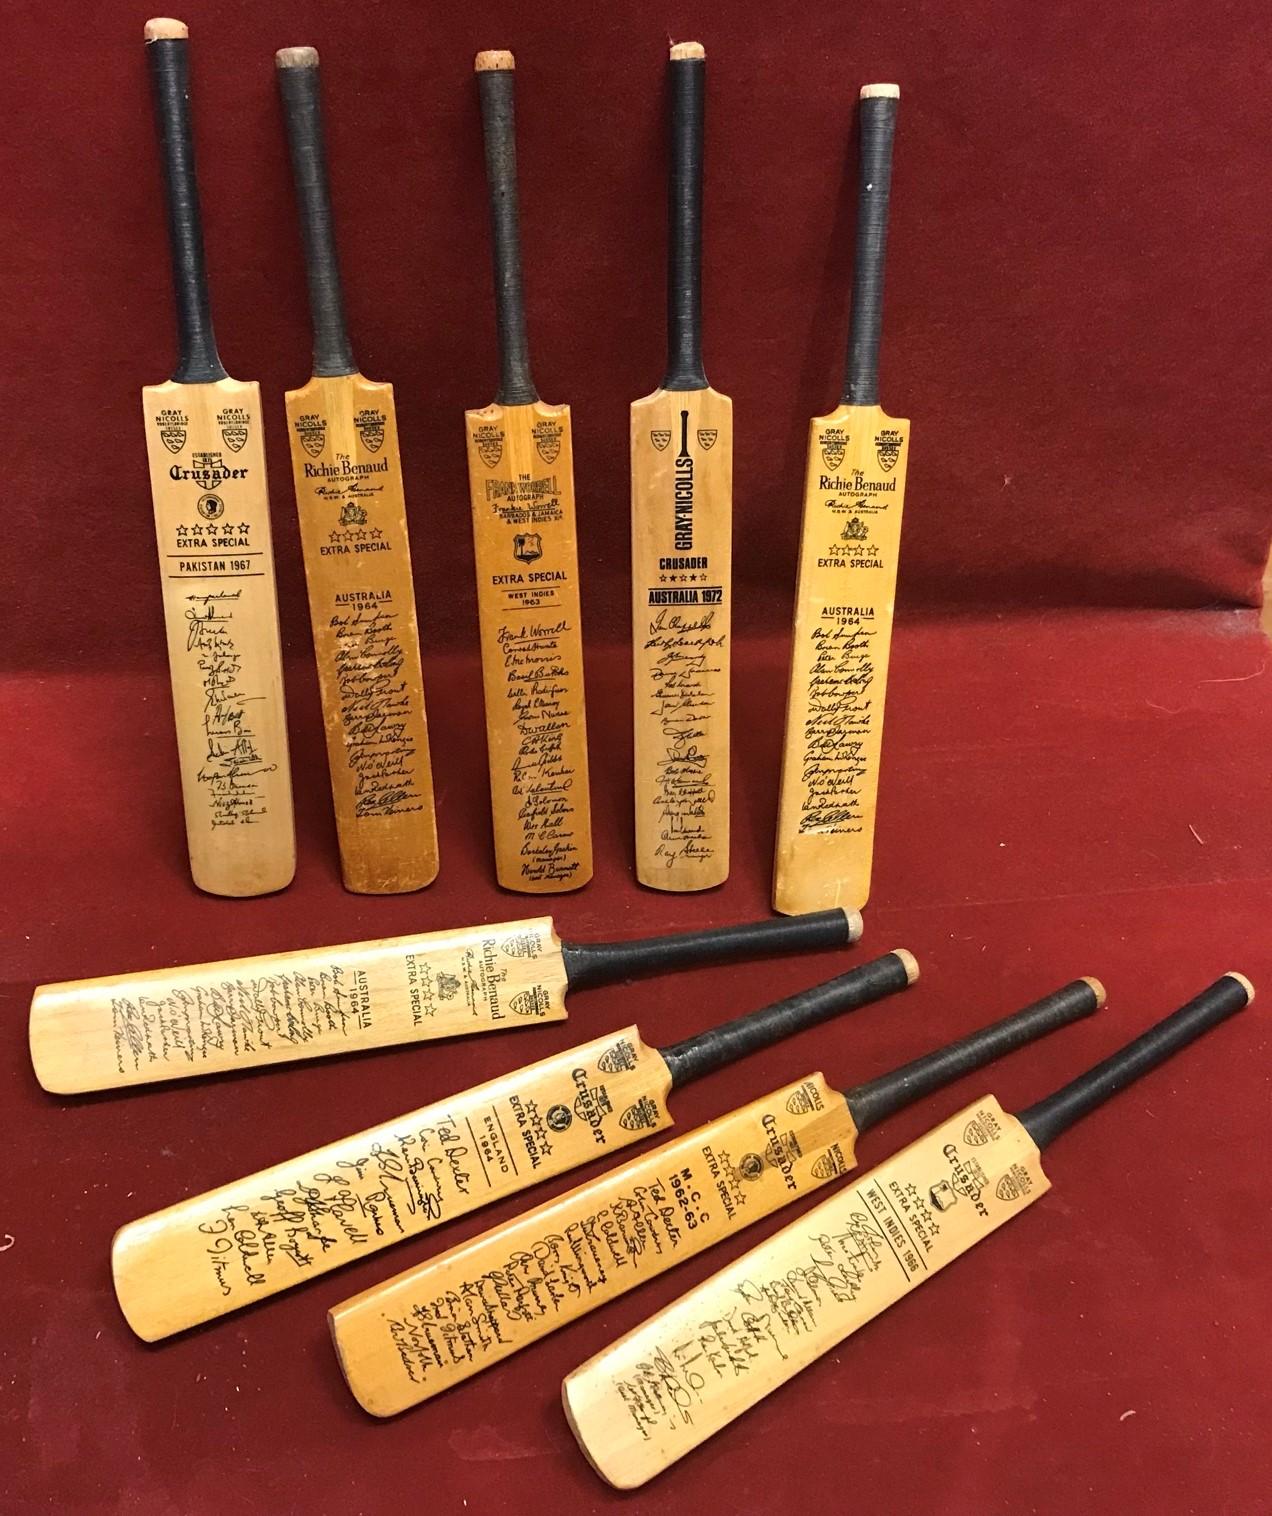 1960s-1970s Miniature Cricket Bats (small) with facsimile autographs - Australia, West Indies etc